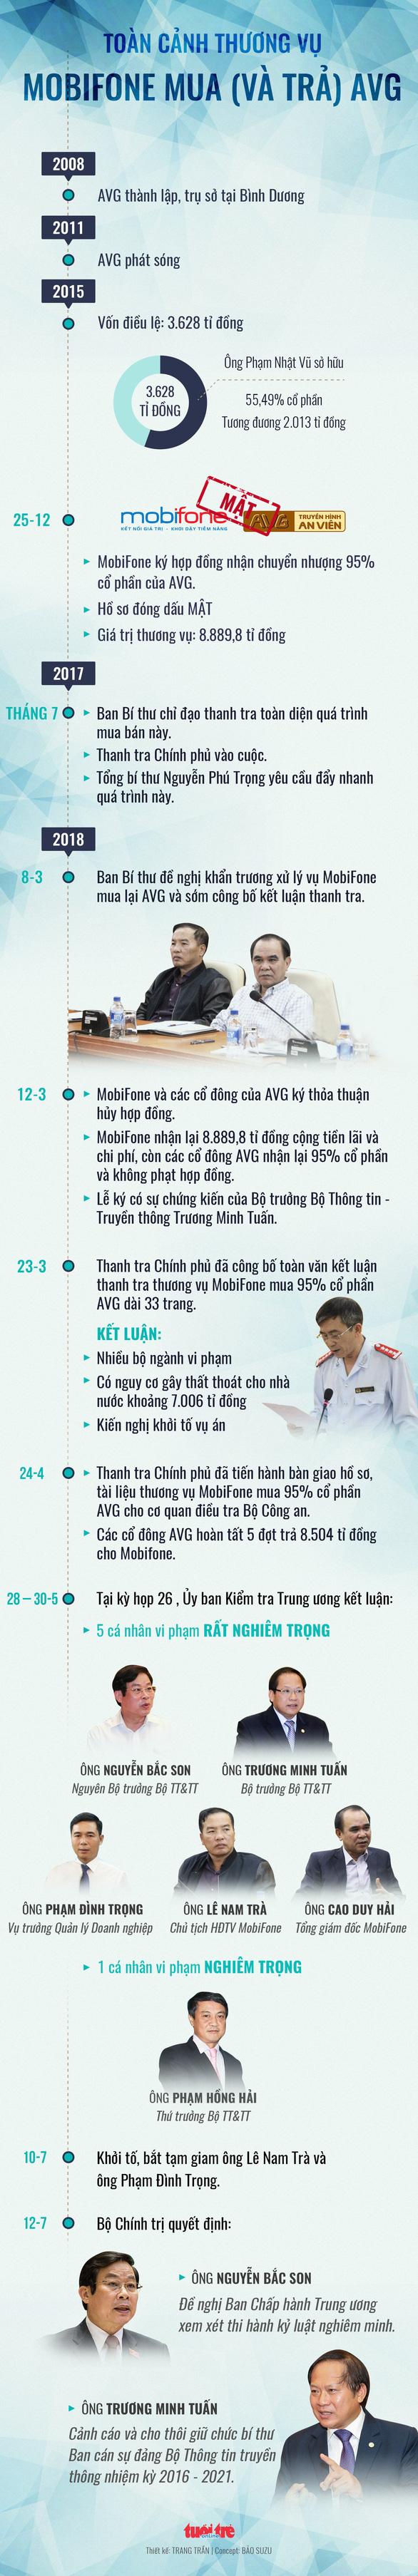 Vụ AVG: Khiển trách ông Lê Mạnh Hà, cảnh cáo ông Nguyễn Trọng Dũng - Ảnh 2.